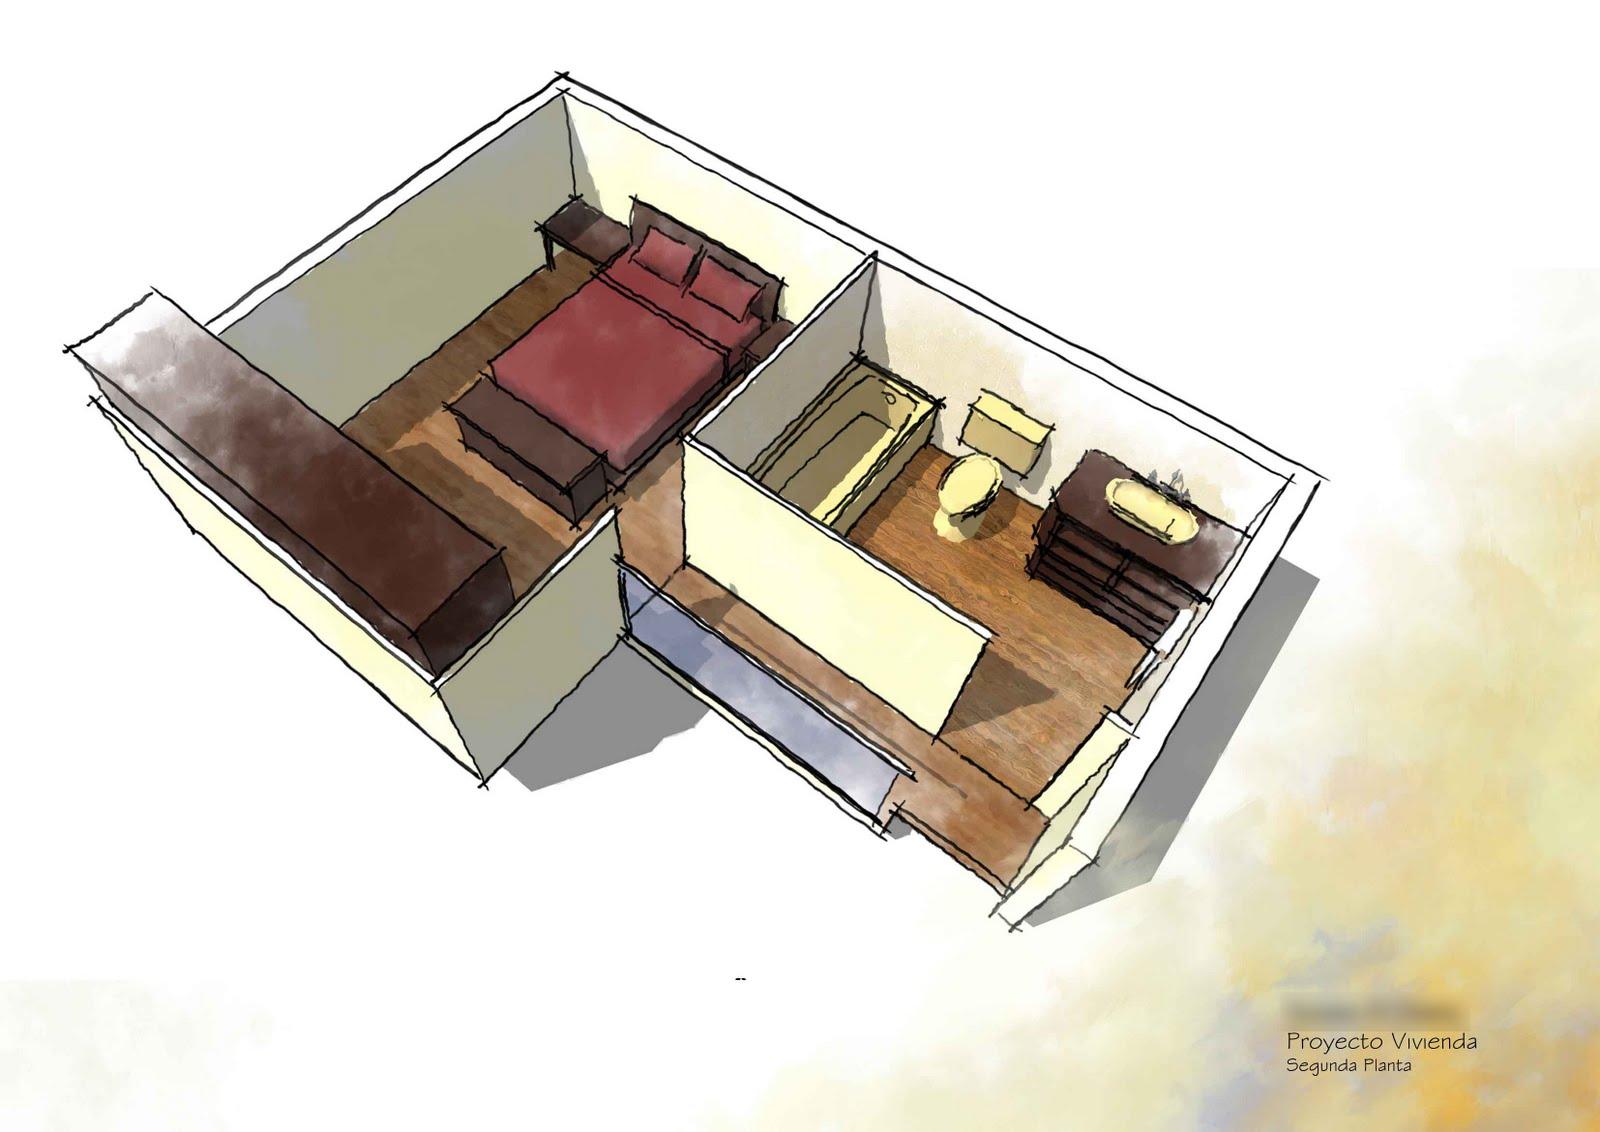 Jaime juan soteras dise o 3d de interiores for Diseno de interiores 3d 7 0